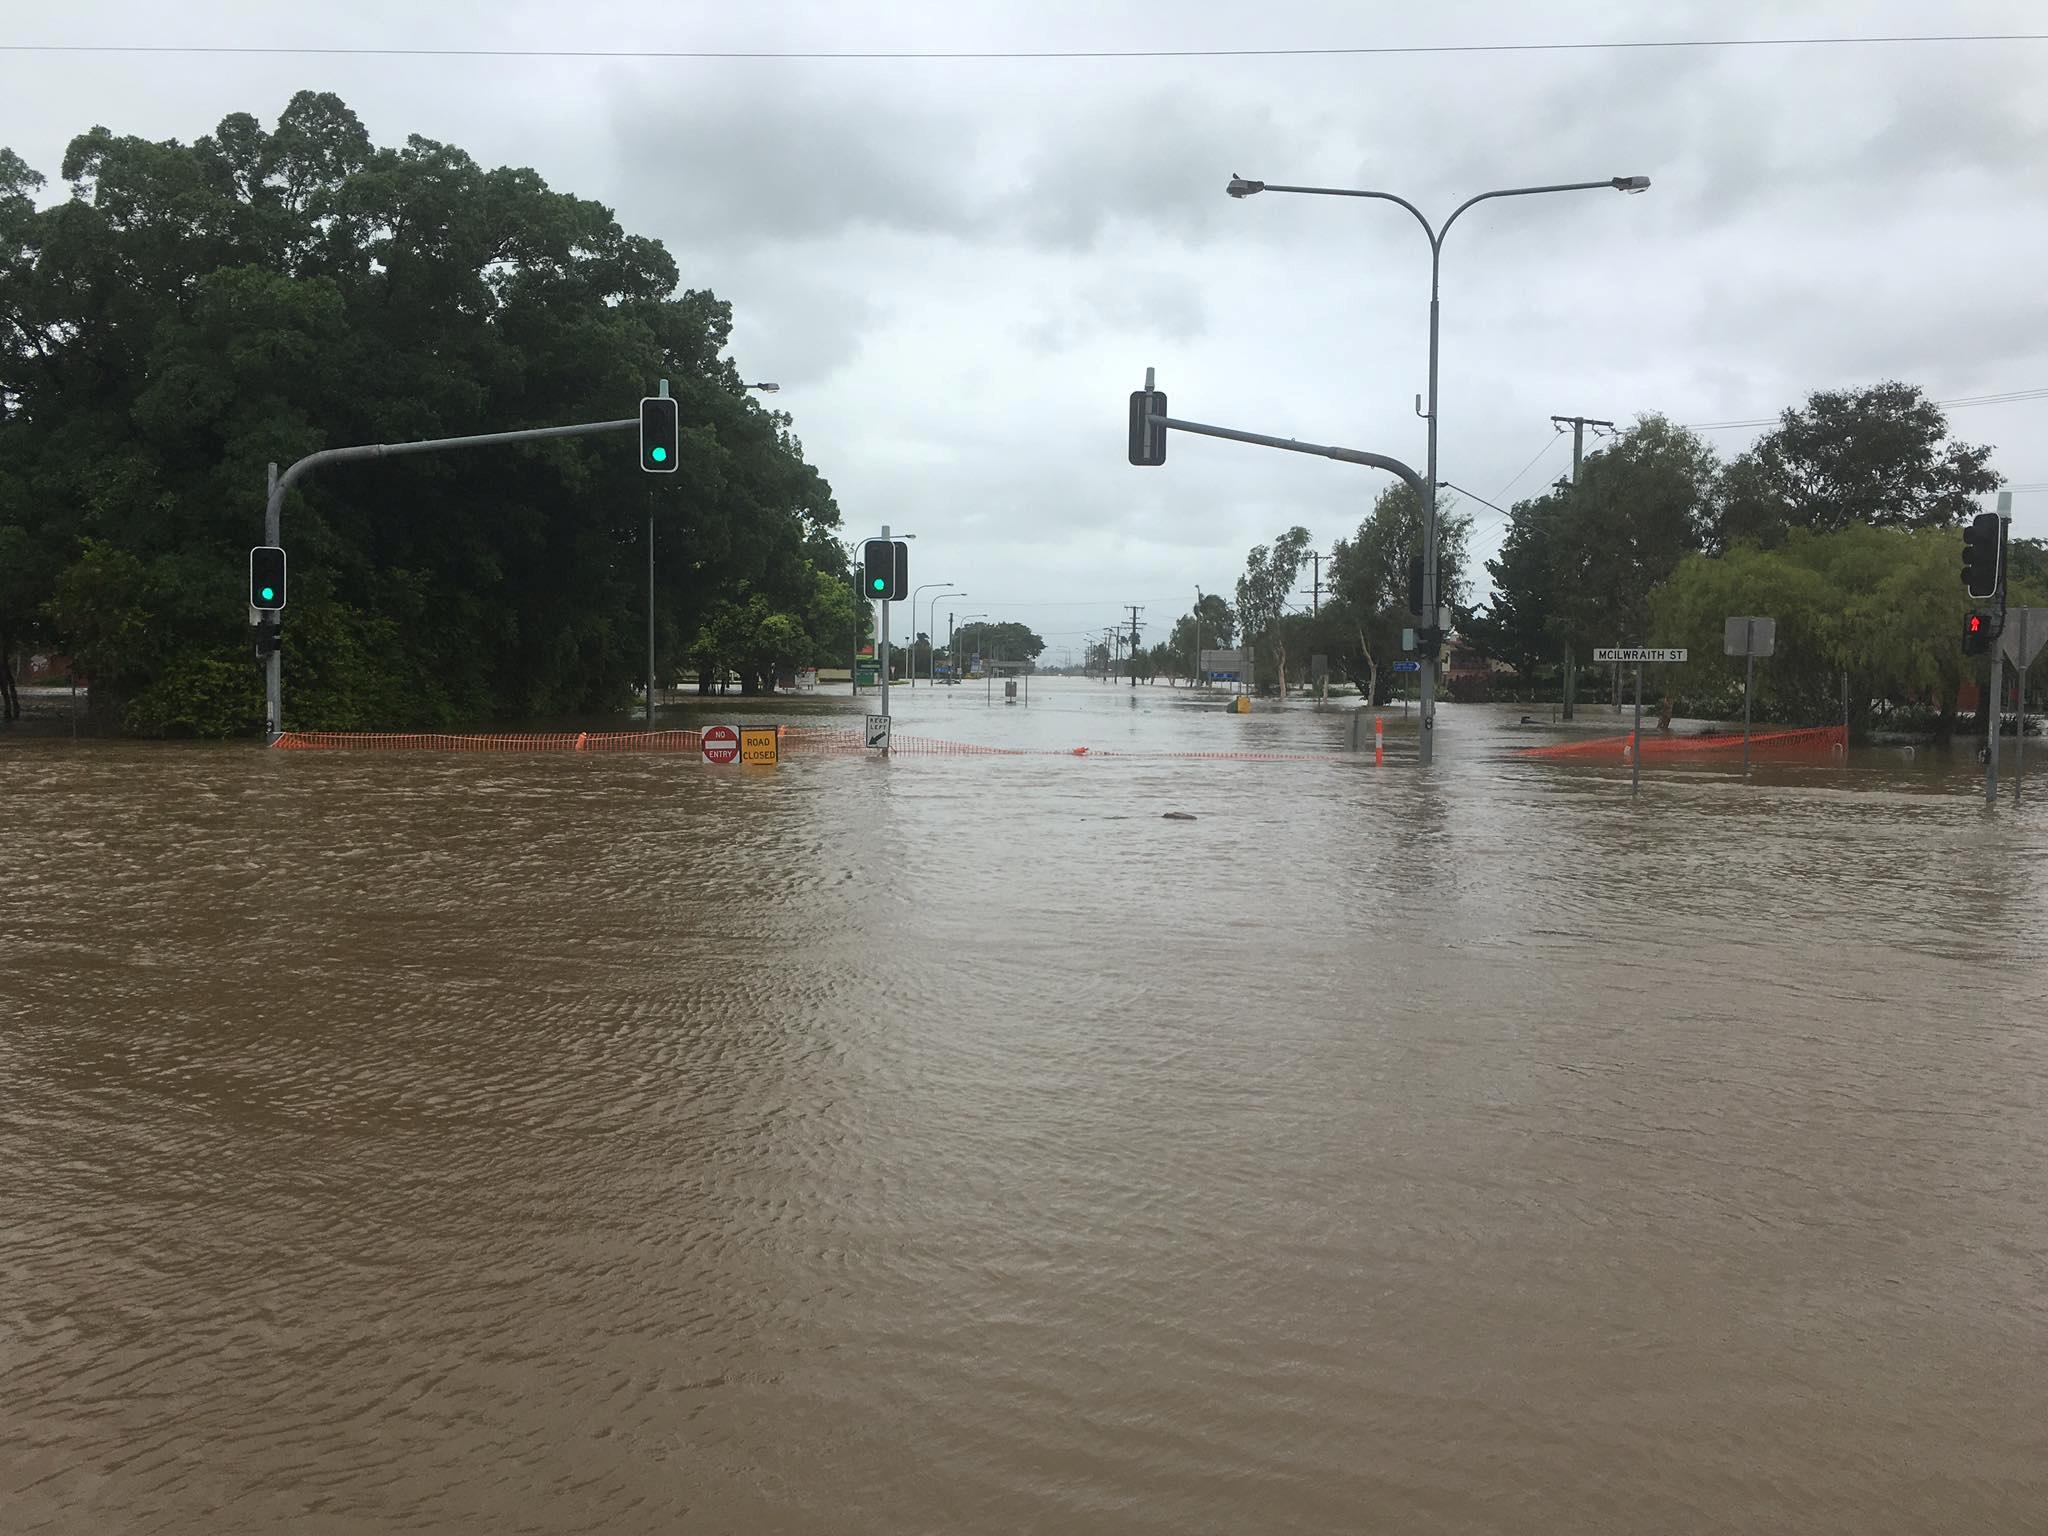 صور فيضانات مدمرة تجتاح أستراليا  760327-جانب-من-الفيضانات-(2)